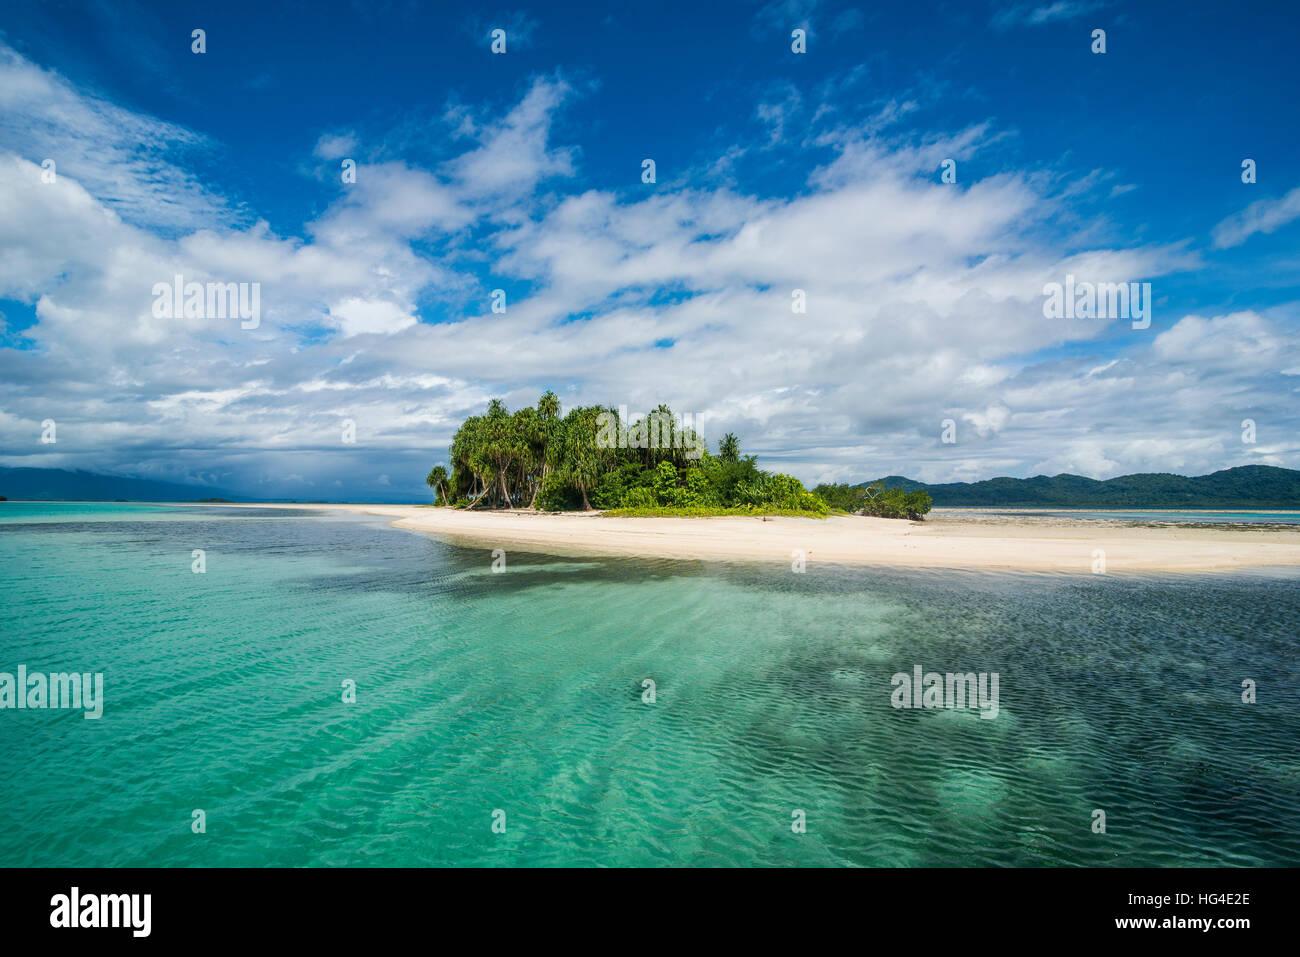 Aguas color turquesa y la playa de arena blanca, Isla Blanca, Buka, Bougainville, Papua Nueva Guinea, el Pacífico Foto de stock